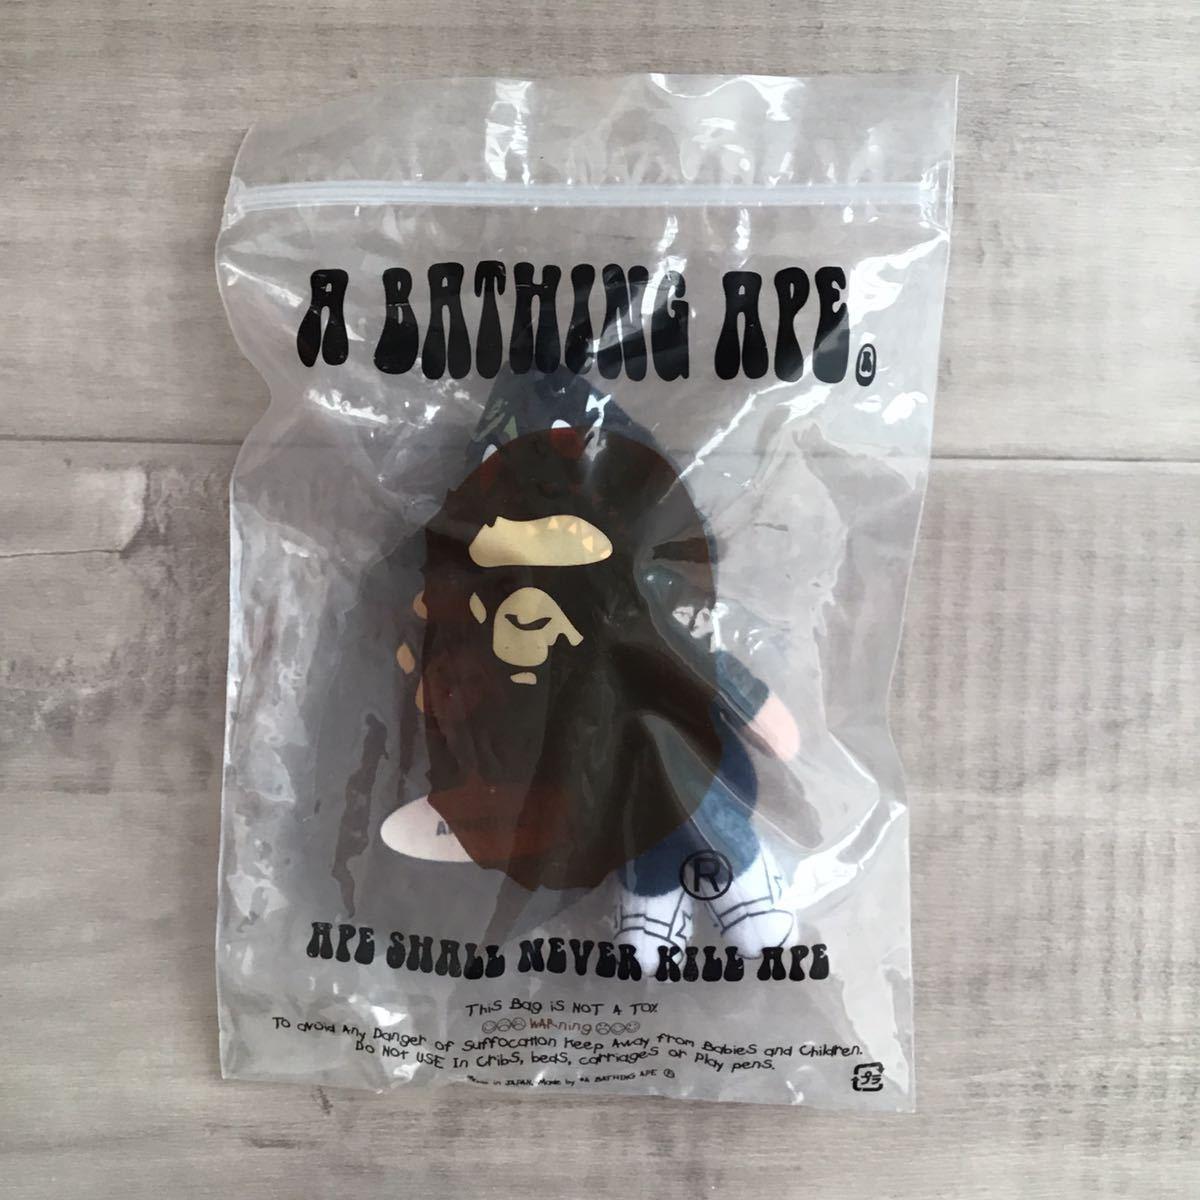 ★新品★ テリヤキ星人 モバイルクリーナー a bathing ape bape teriyaki ストラップ shark hoodie シャーク パーカー エイプ ベイプ